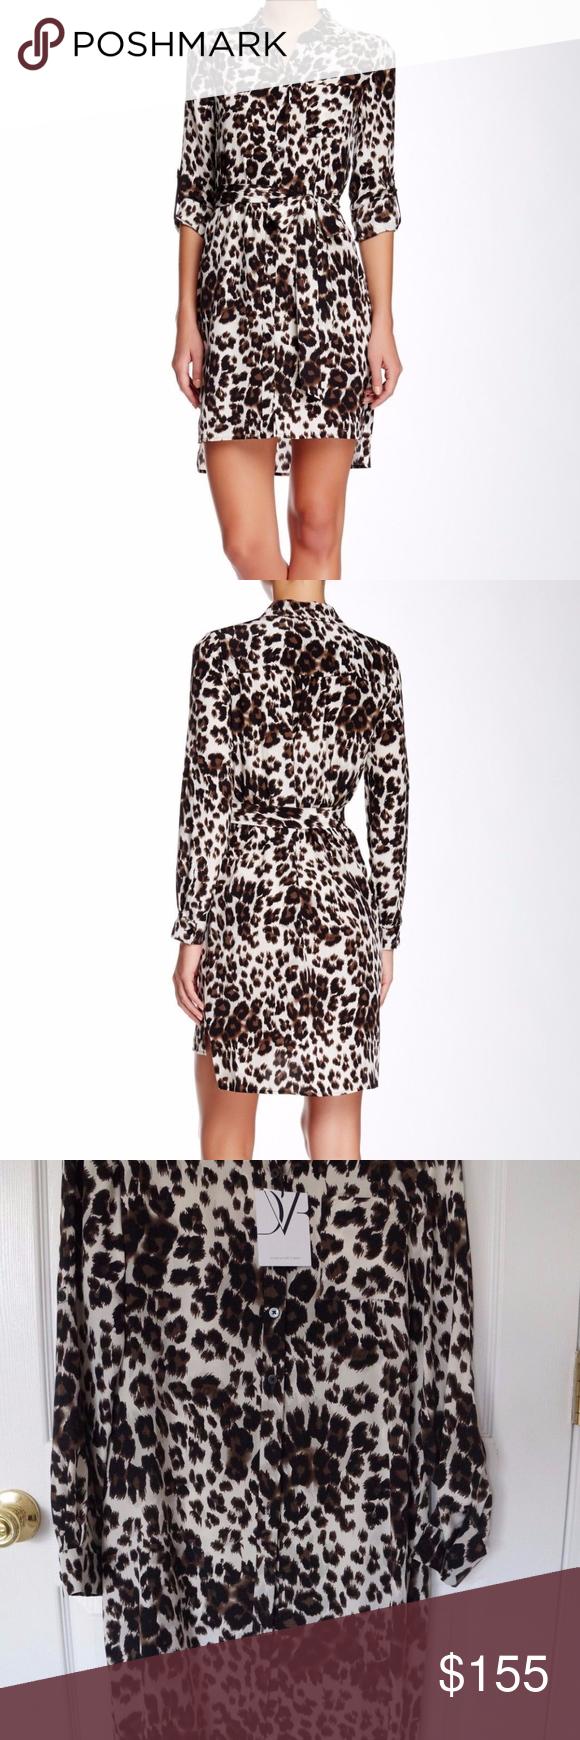 Diane von Furstenberg Prita Leopard Snow Cheetah S Diane von